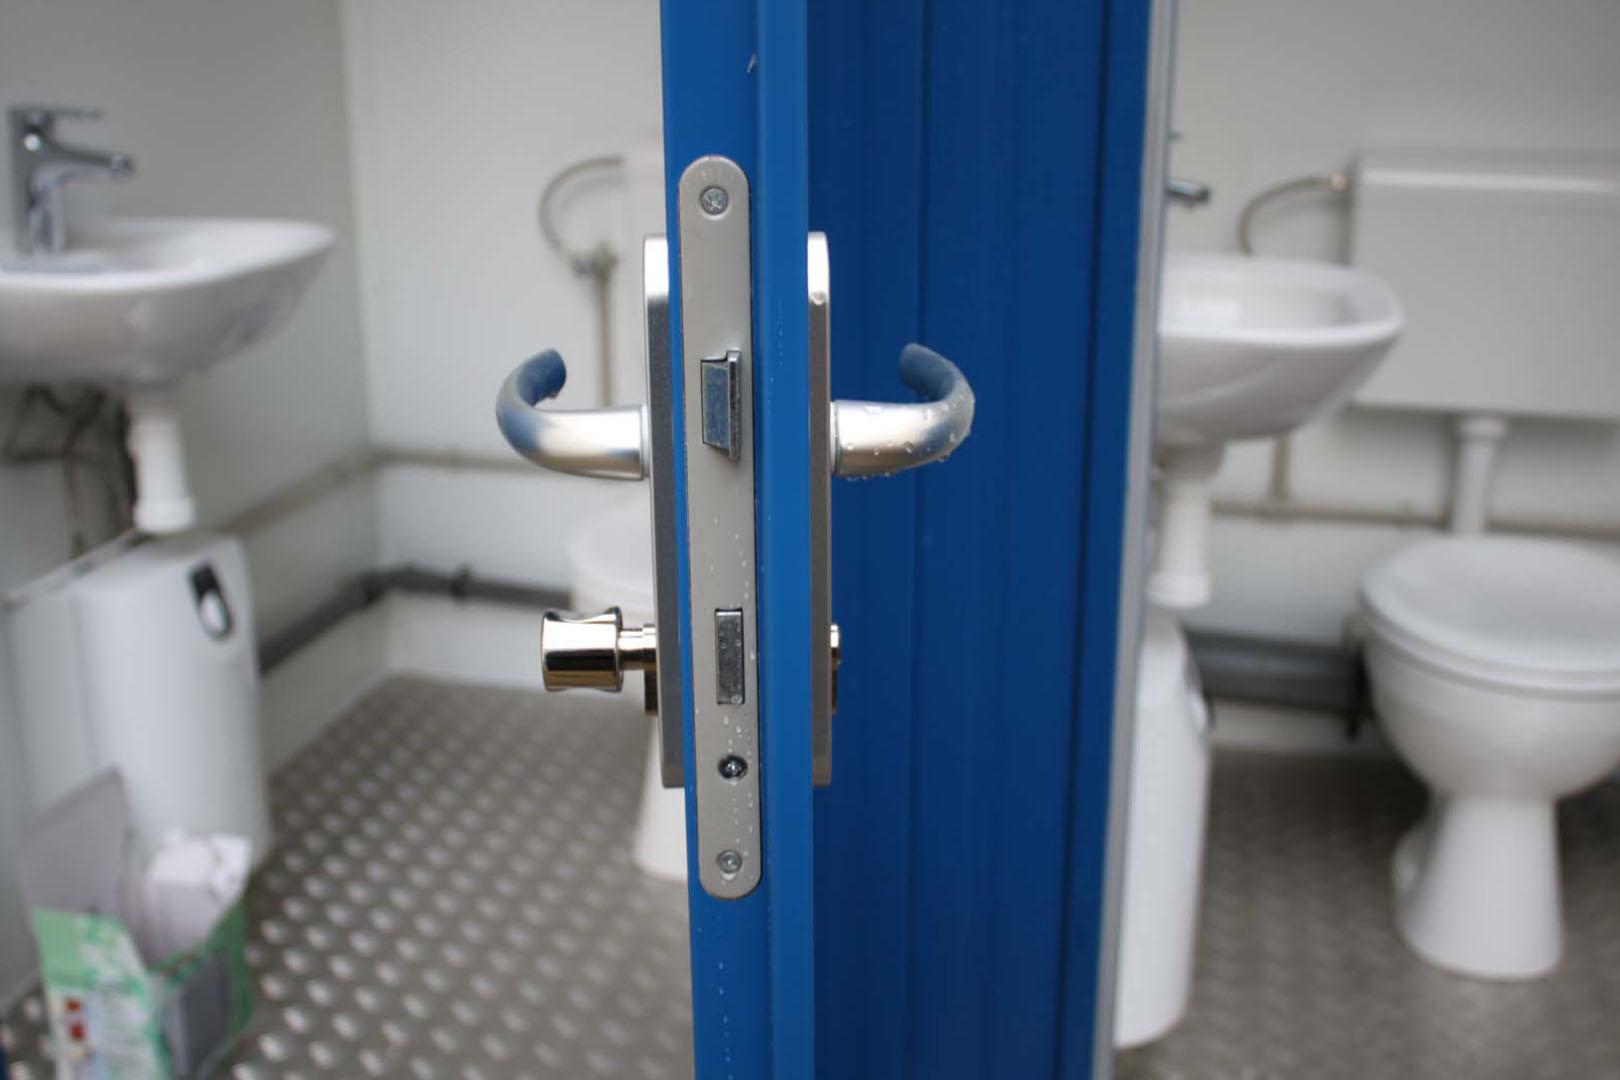 8ft-toilet unit detail